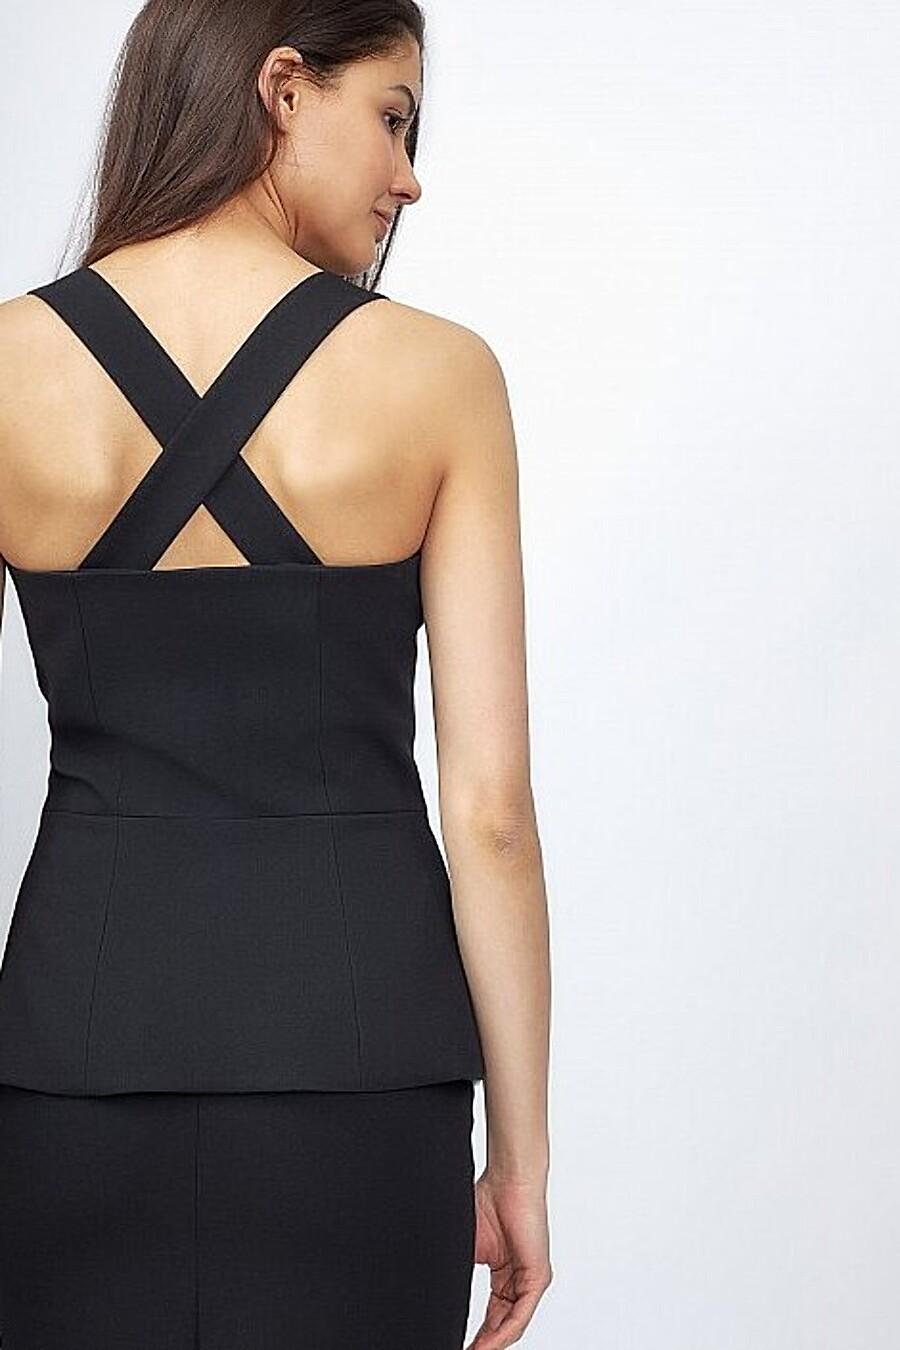 Жилет для женщин CALISTA 348443 купить оптом от производителя. Совместная покупка женской одежды в OptMoyo